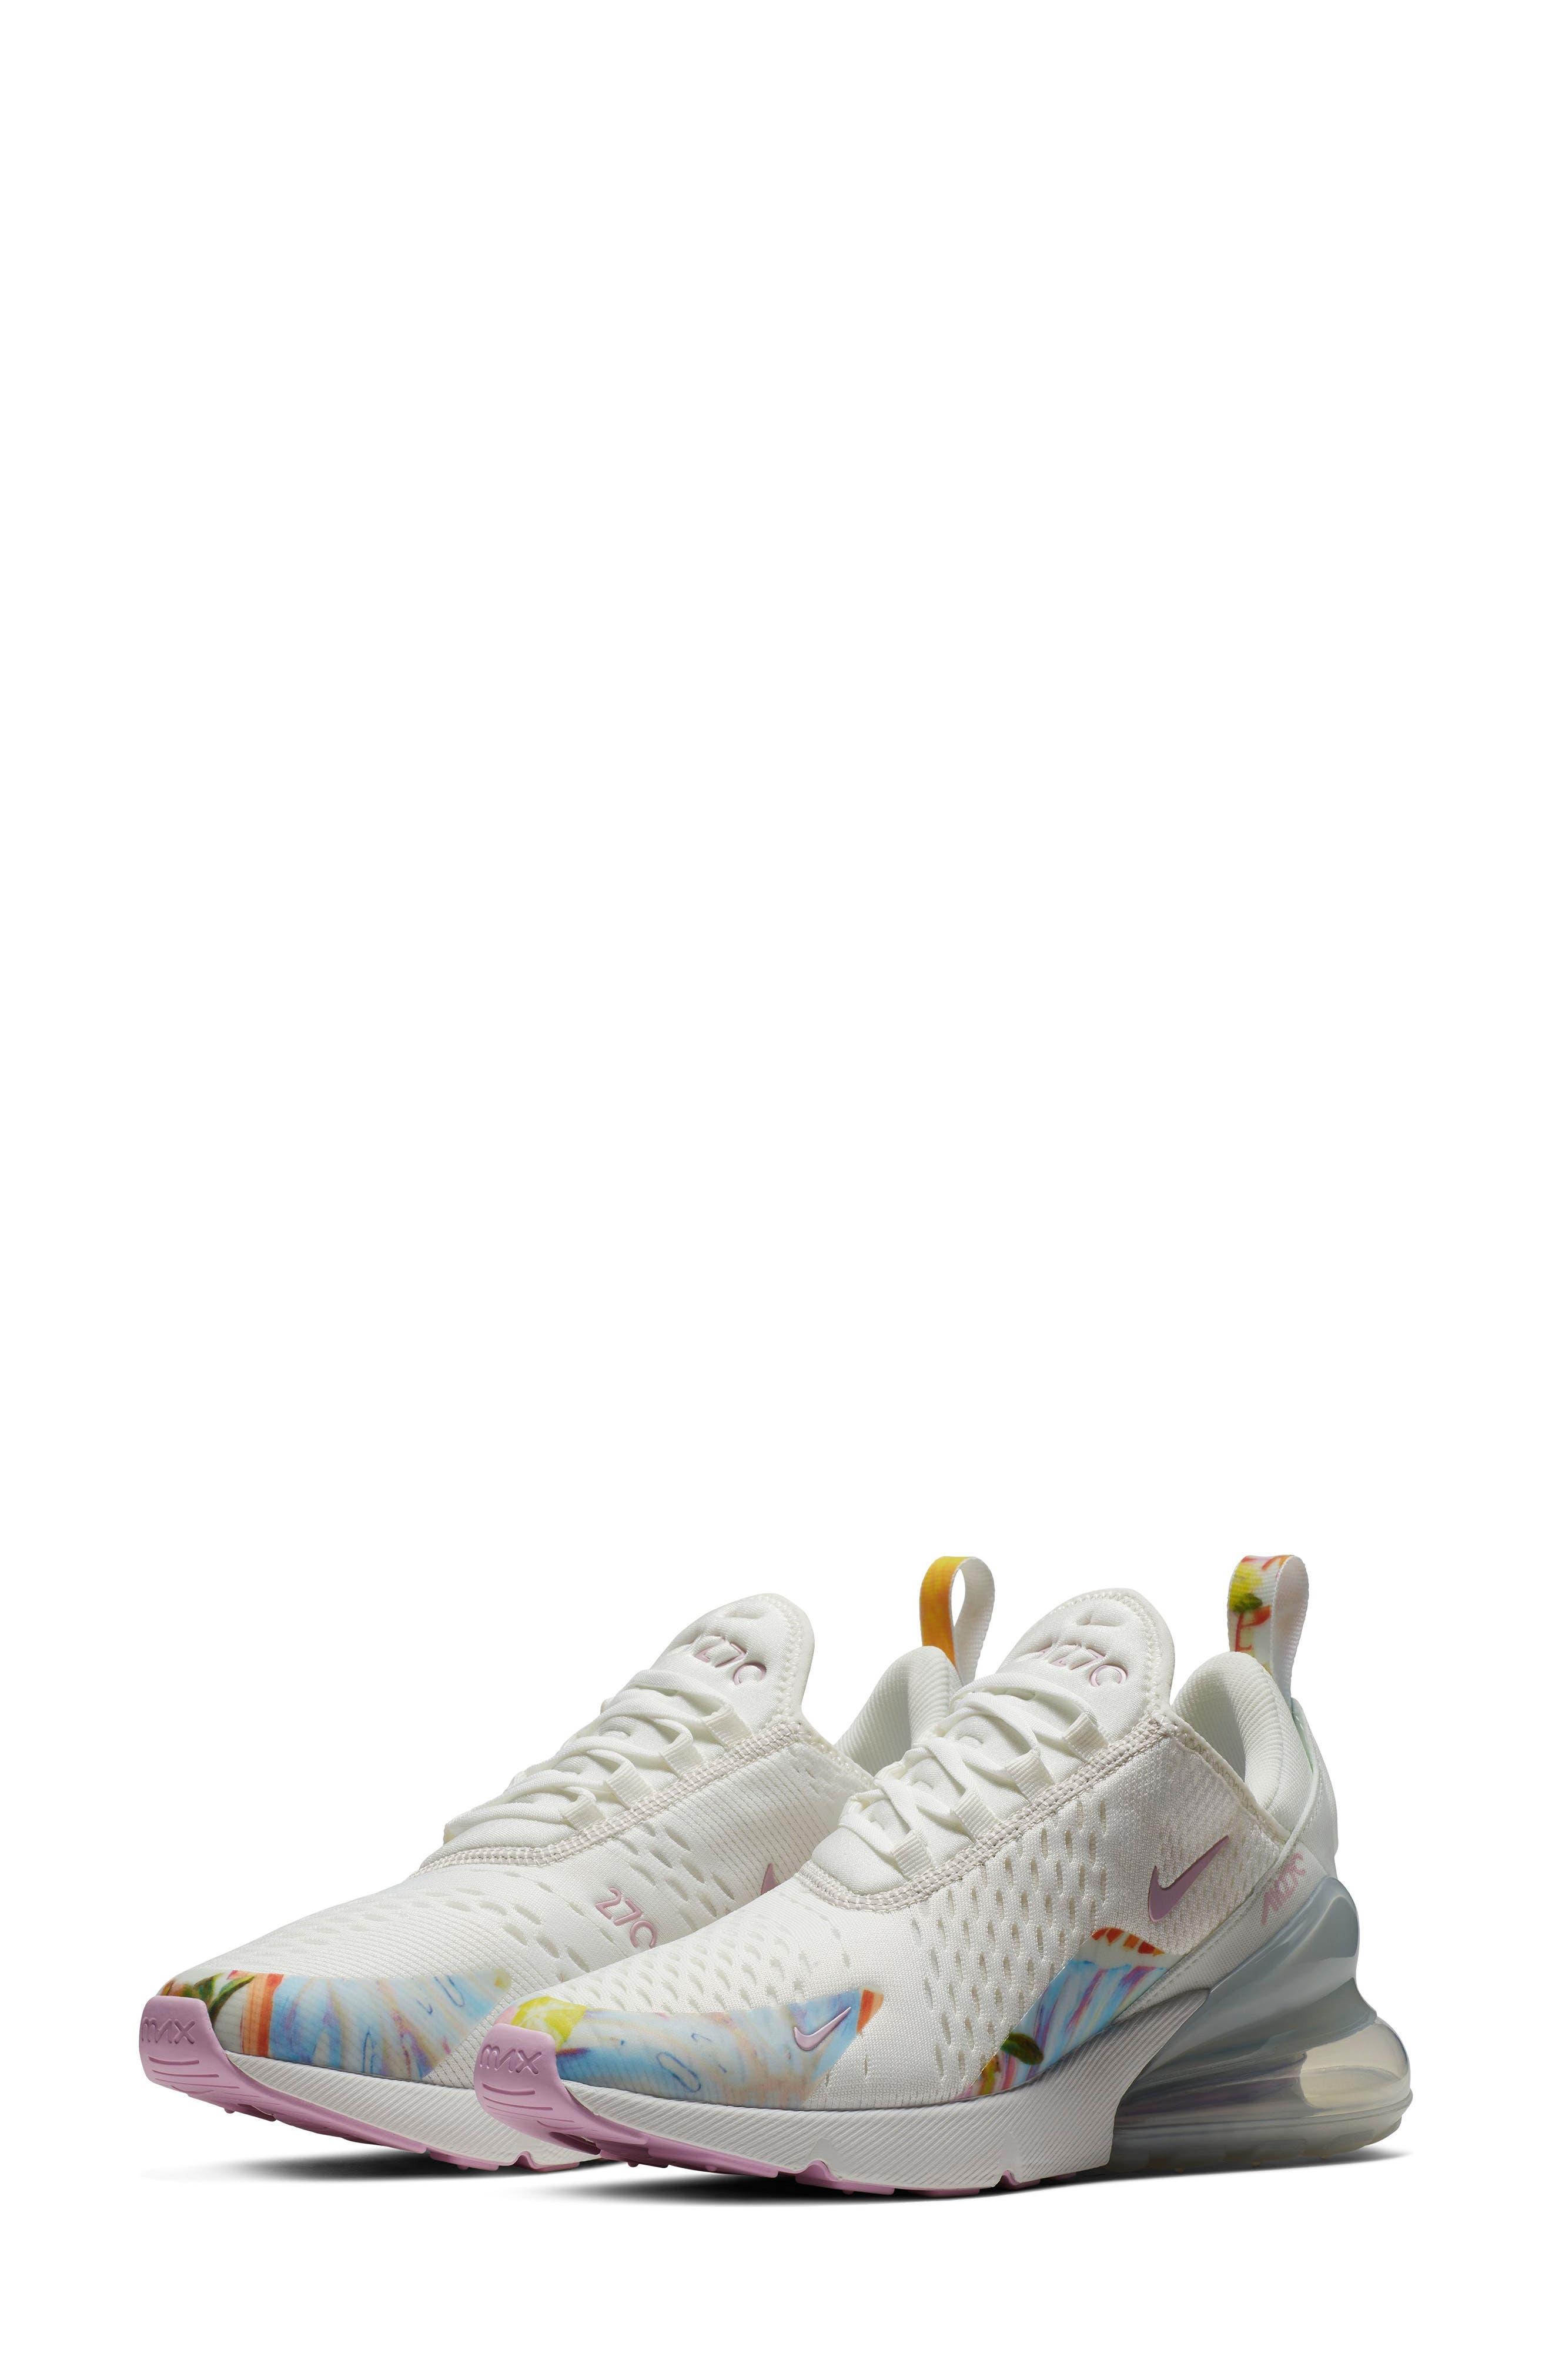 Air Max 270 Premium Sneaker,                         Main,                         color, 100